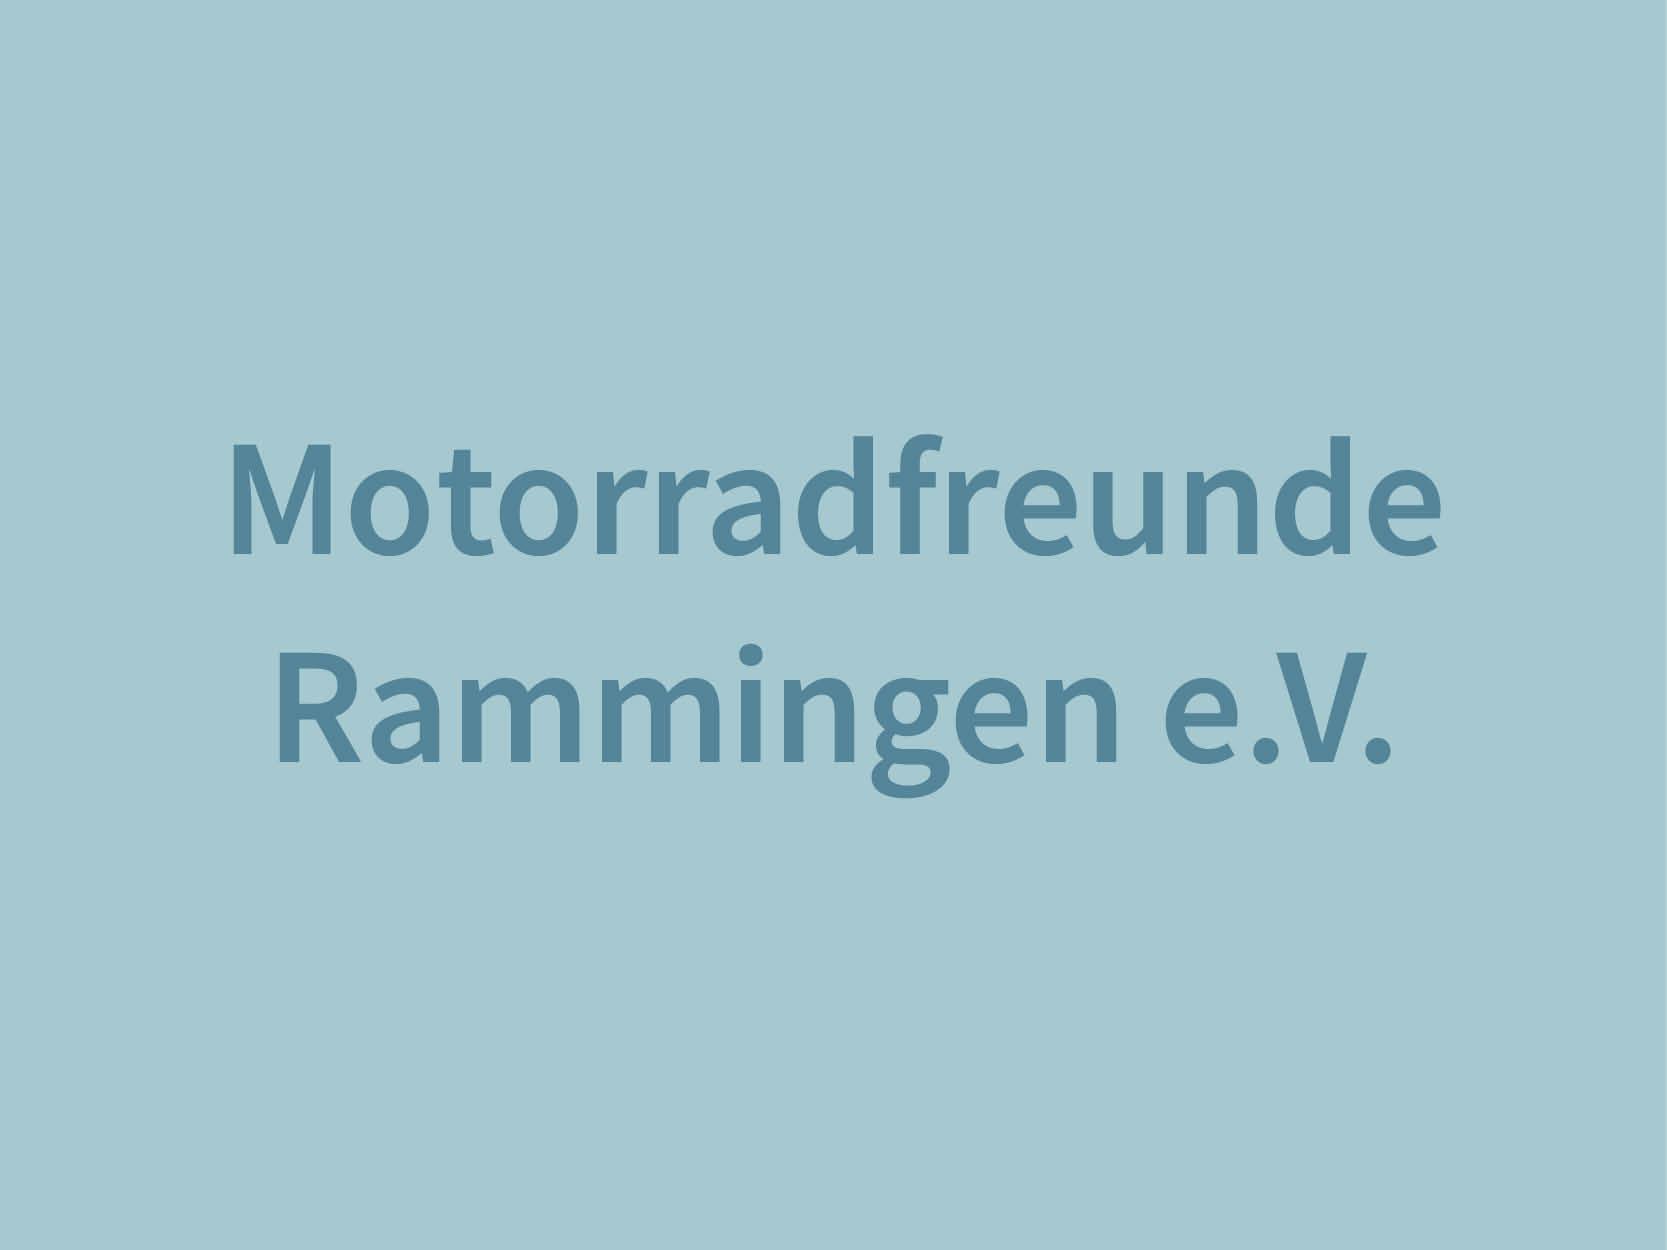 Motorradfreunde Rammingen e.V.